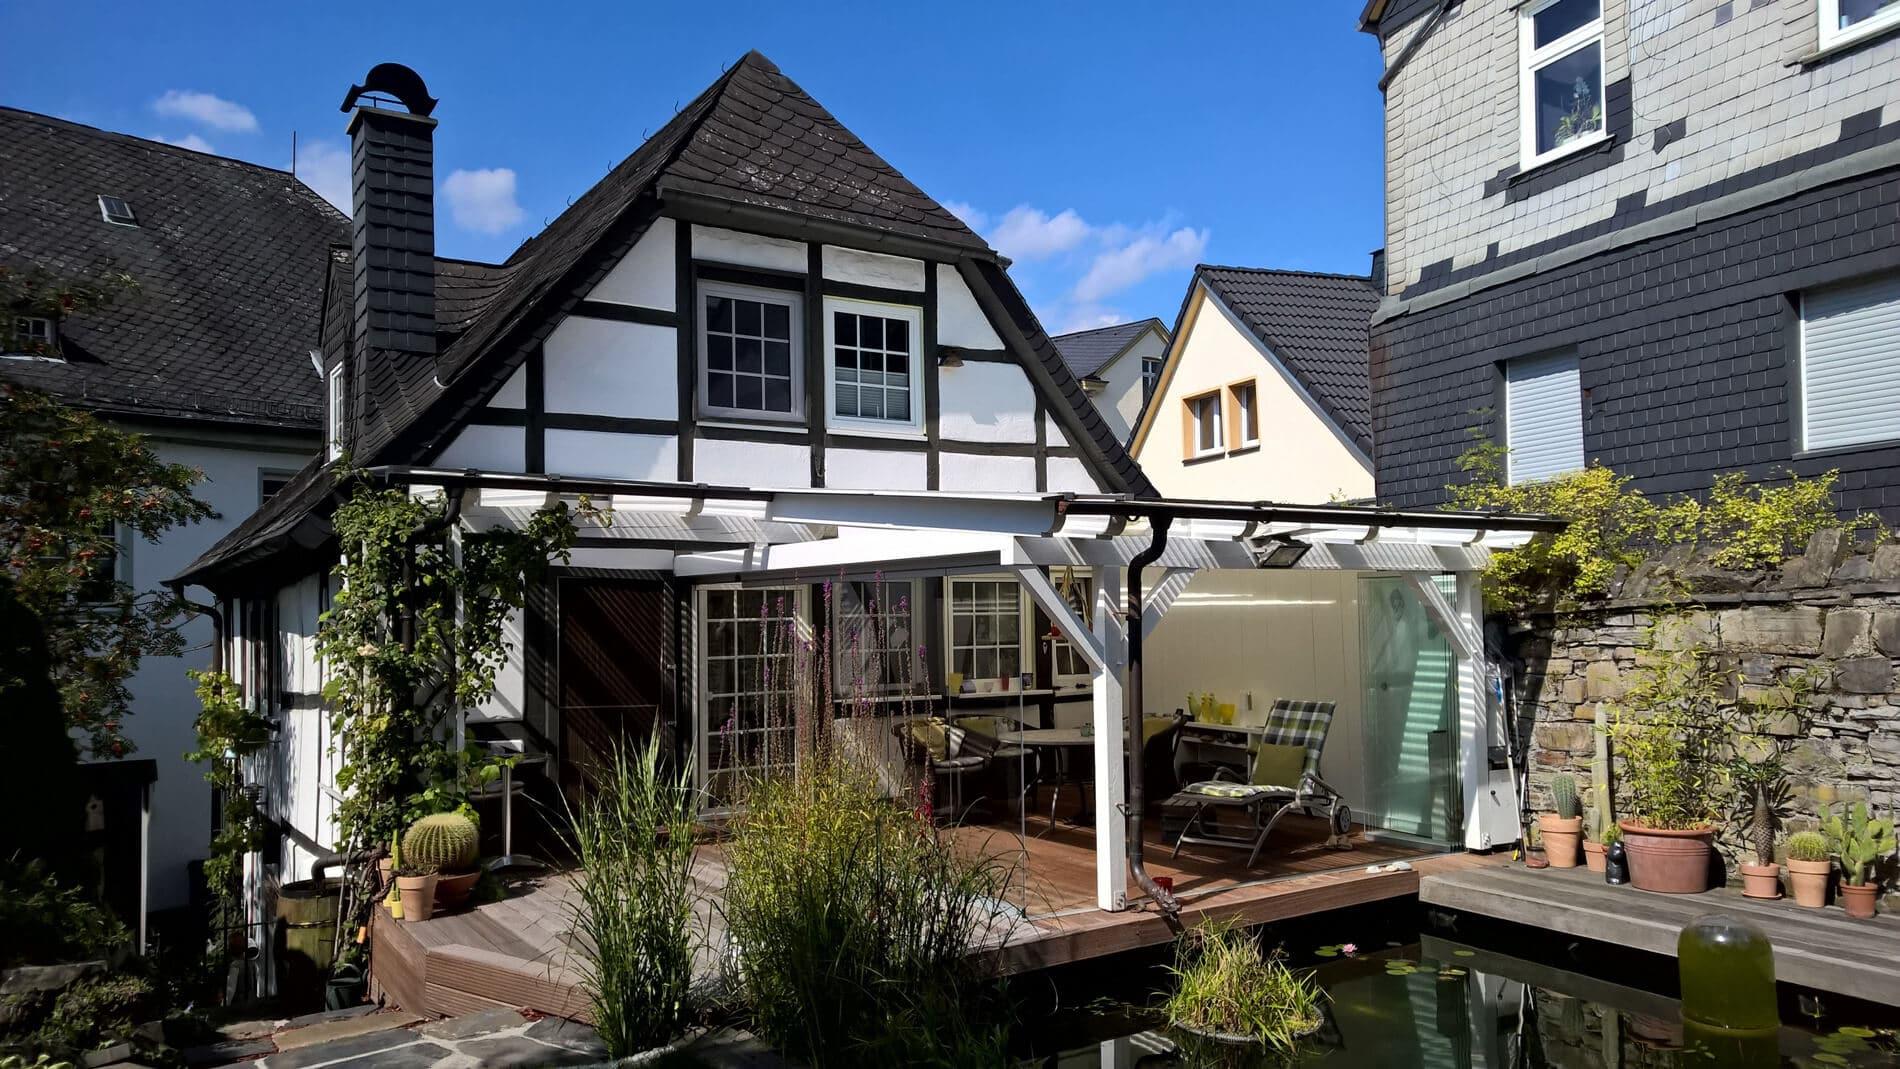 Terrassenüberdachung mit seitlichen Verglasungen Schiebe-Falt-Wände